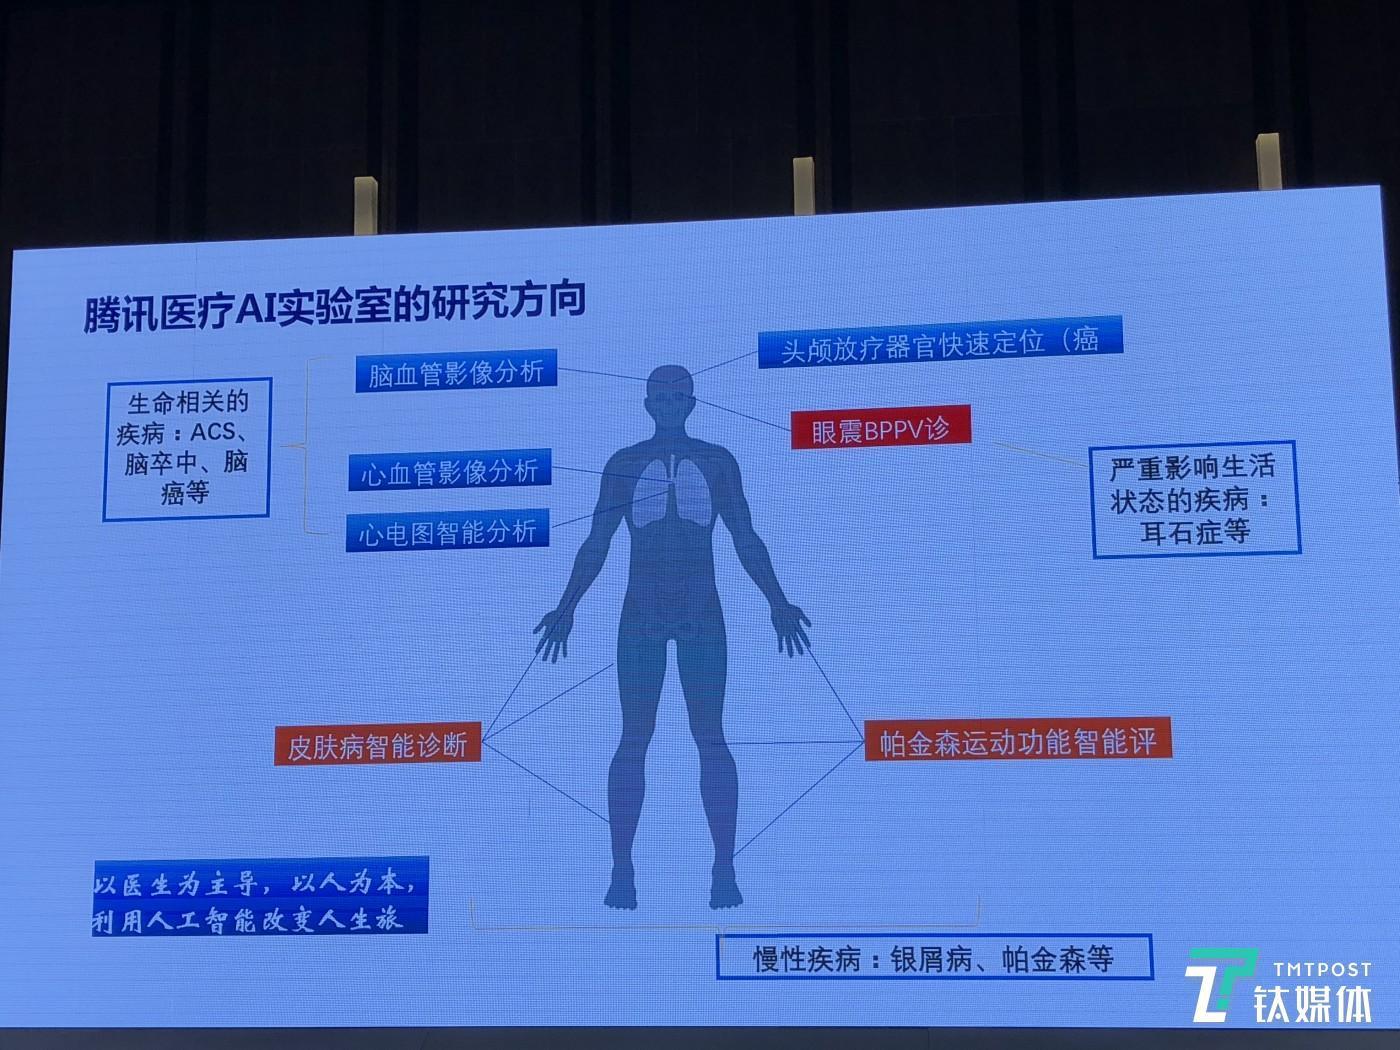 腾讯医疗AI实验室研究方向,图片自范伟分享PPT,钛媒体拍摄